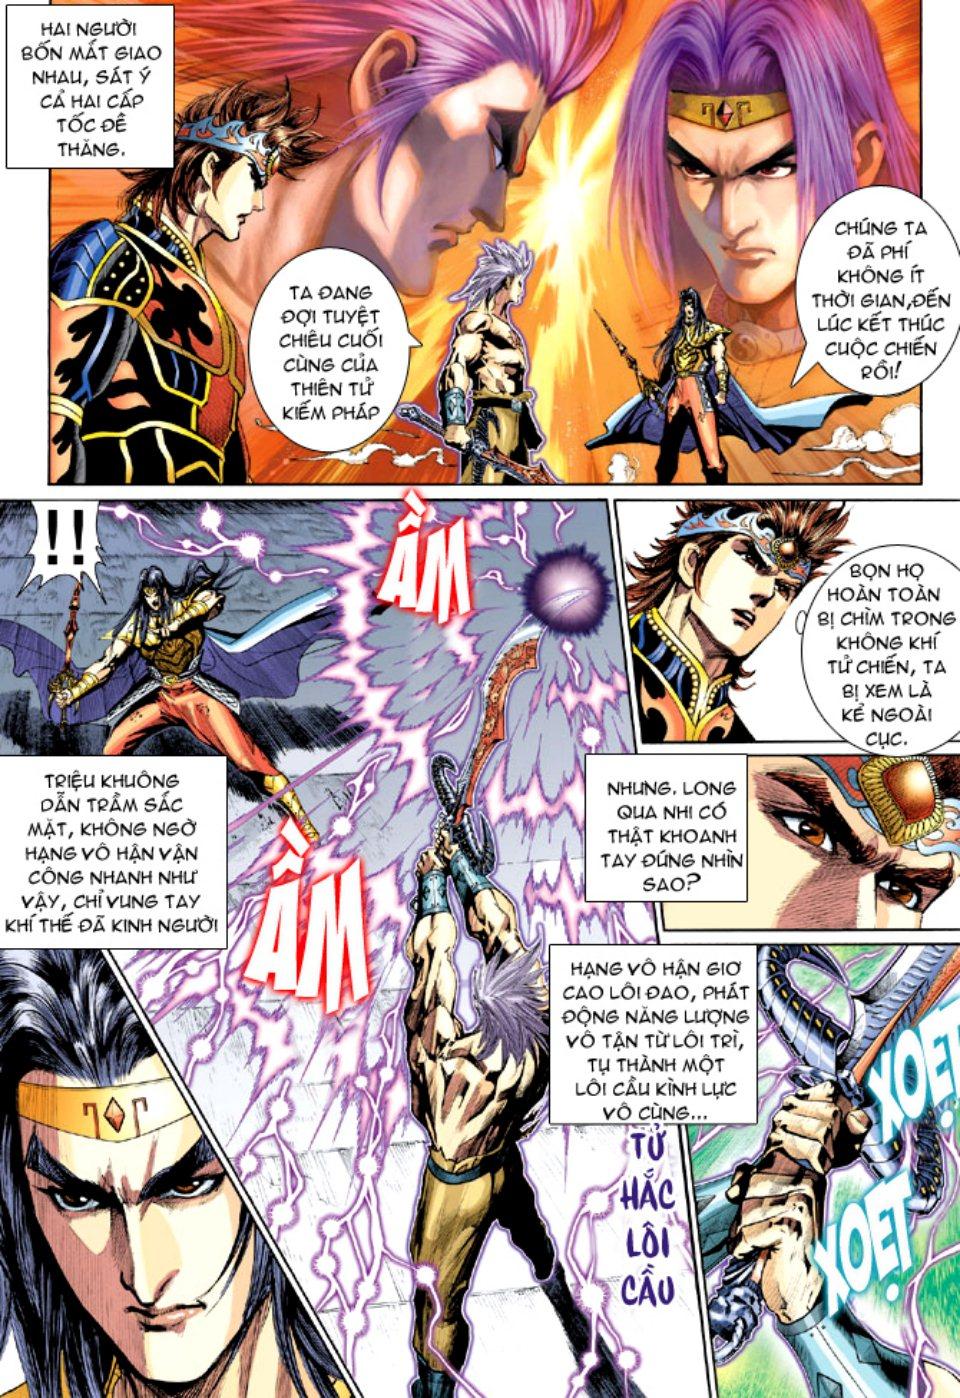 Thiên Tử Truyền Kỳ 5 - Như Lai Thần Chưởng chap 212 - Trang 26